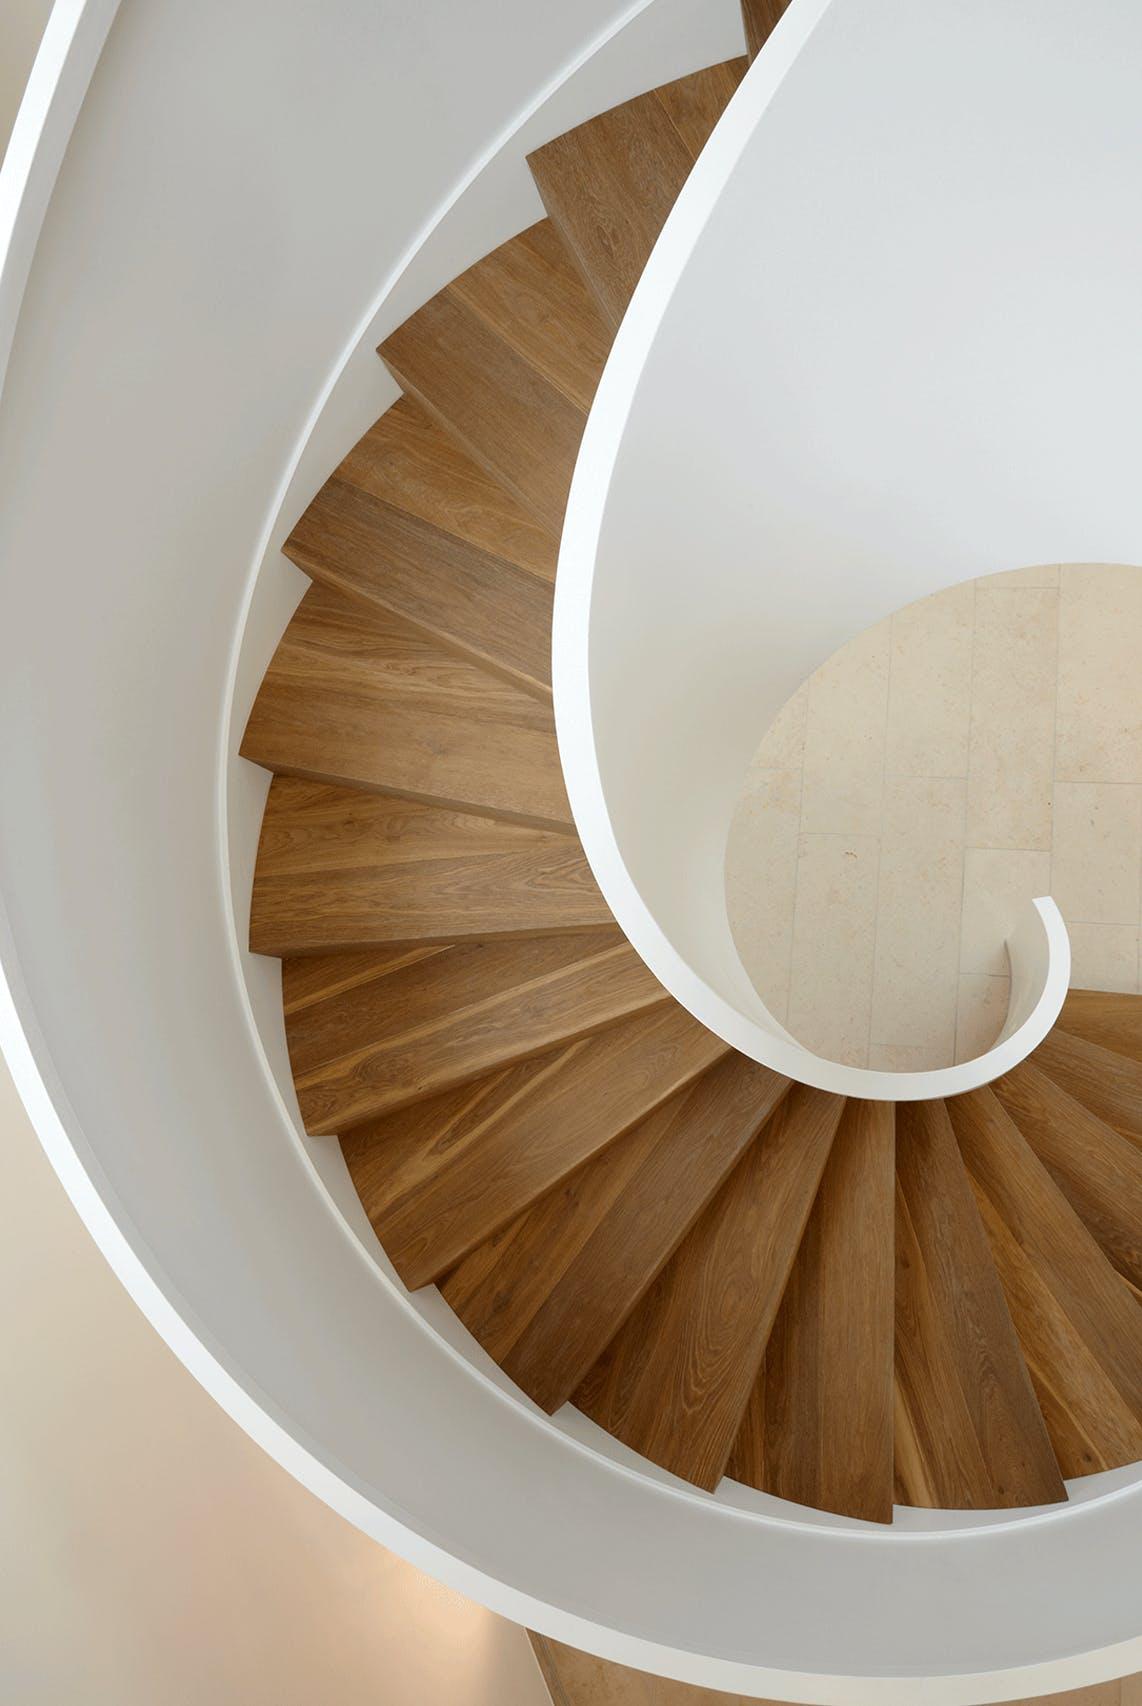 Inneneinrichtung mit maßgeschneiderter Treppe